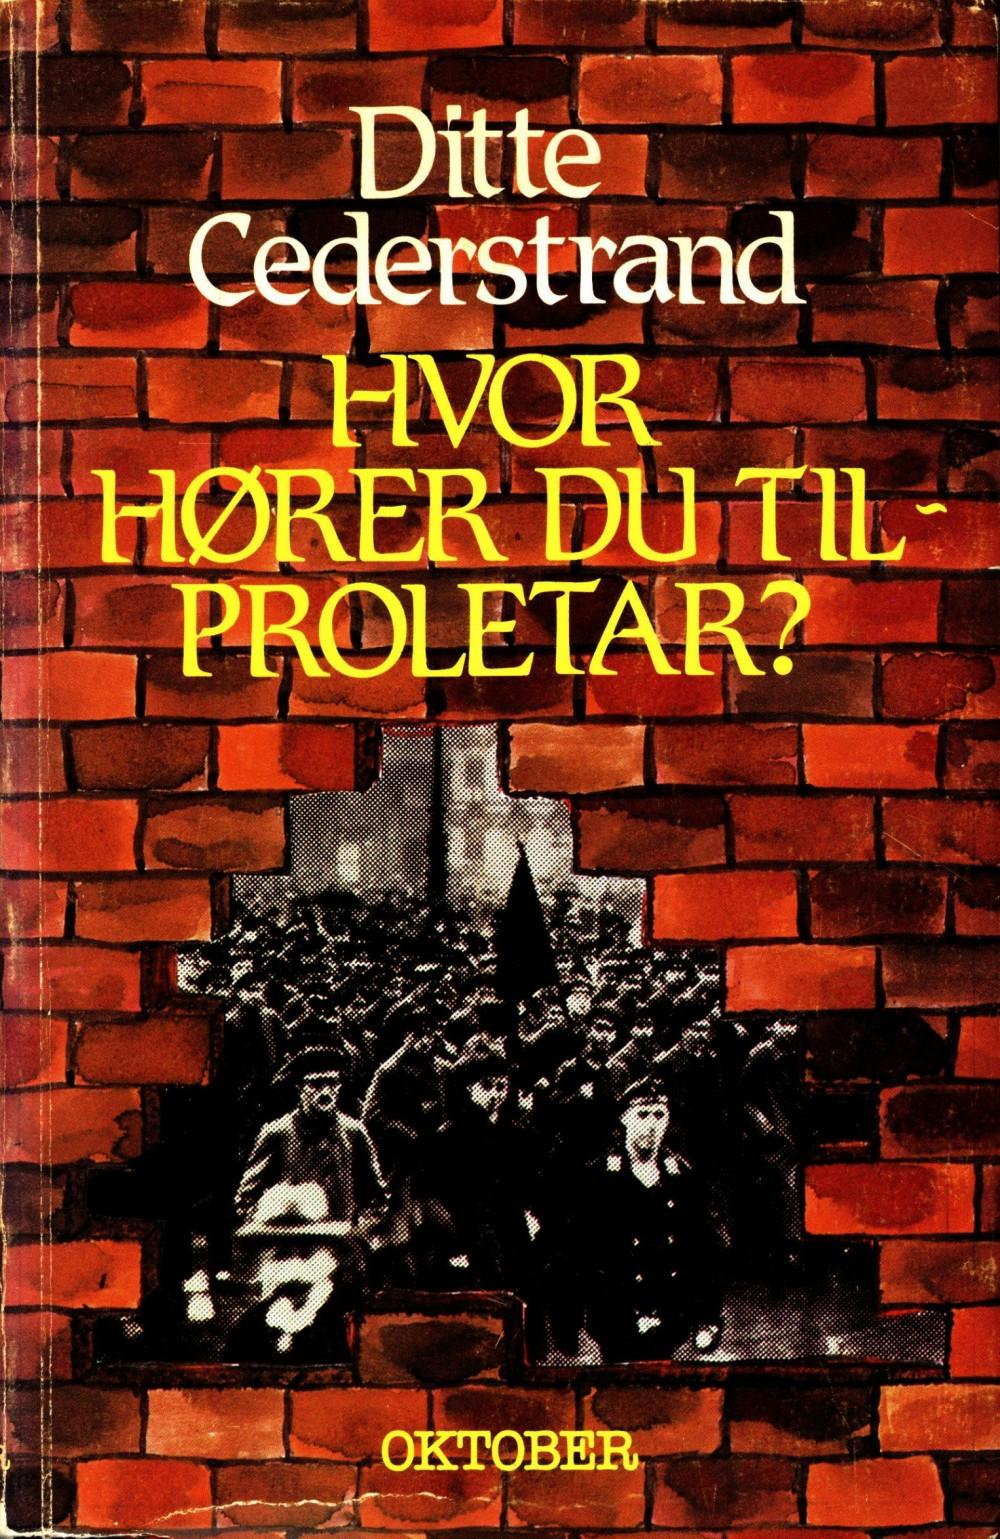 Ditte Cederstrand: Hvor hører du til, proletar?